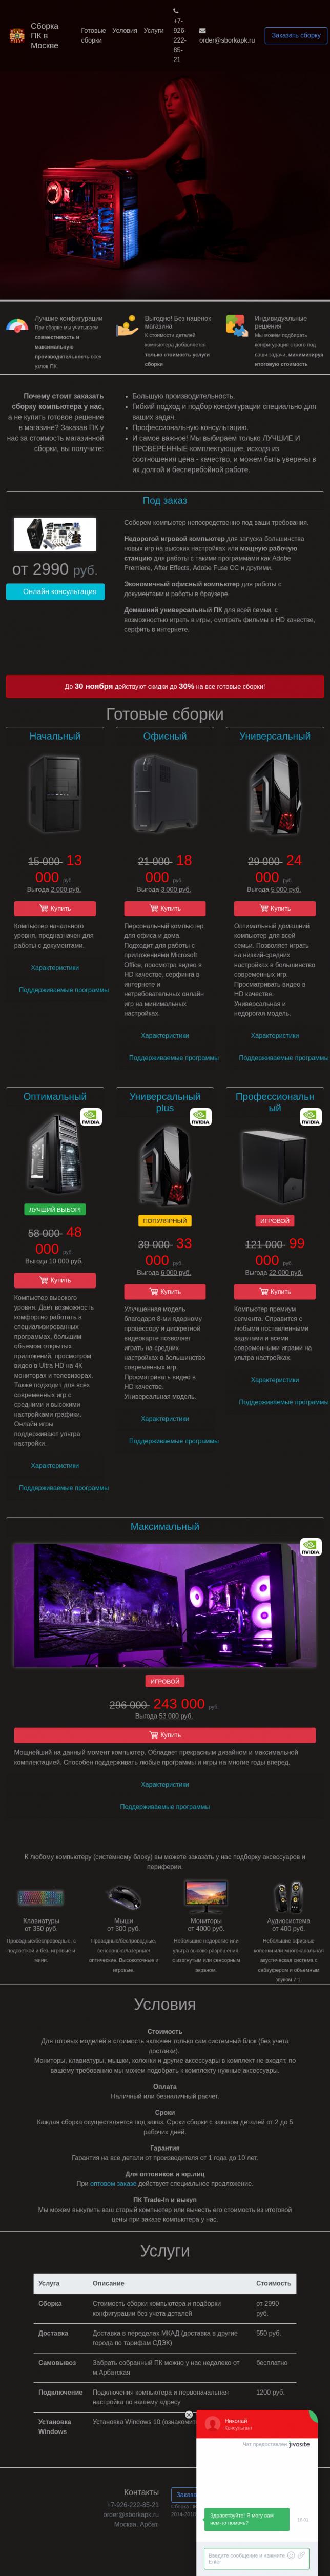 sborkapk.ru